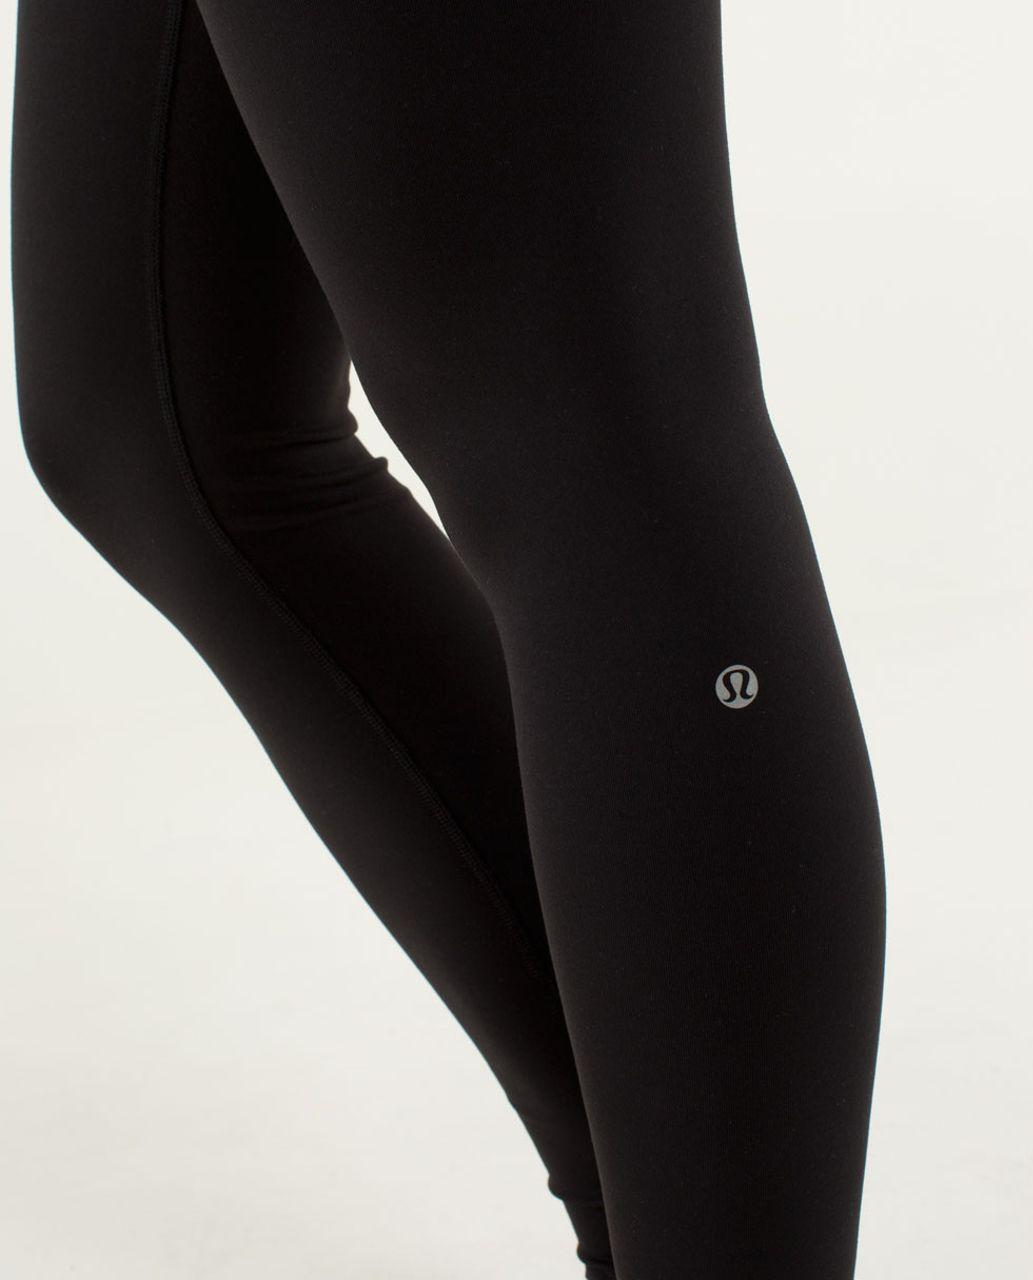 Lululemon Wunder Under Pant *Full-On Luon - Black / Quilt Winter 13-03